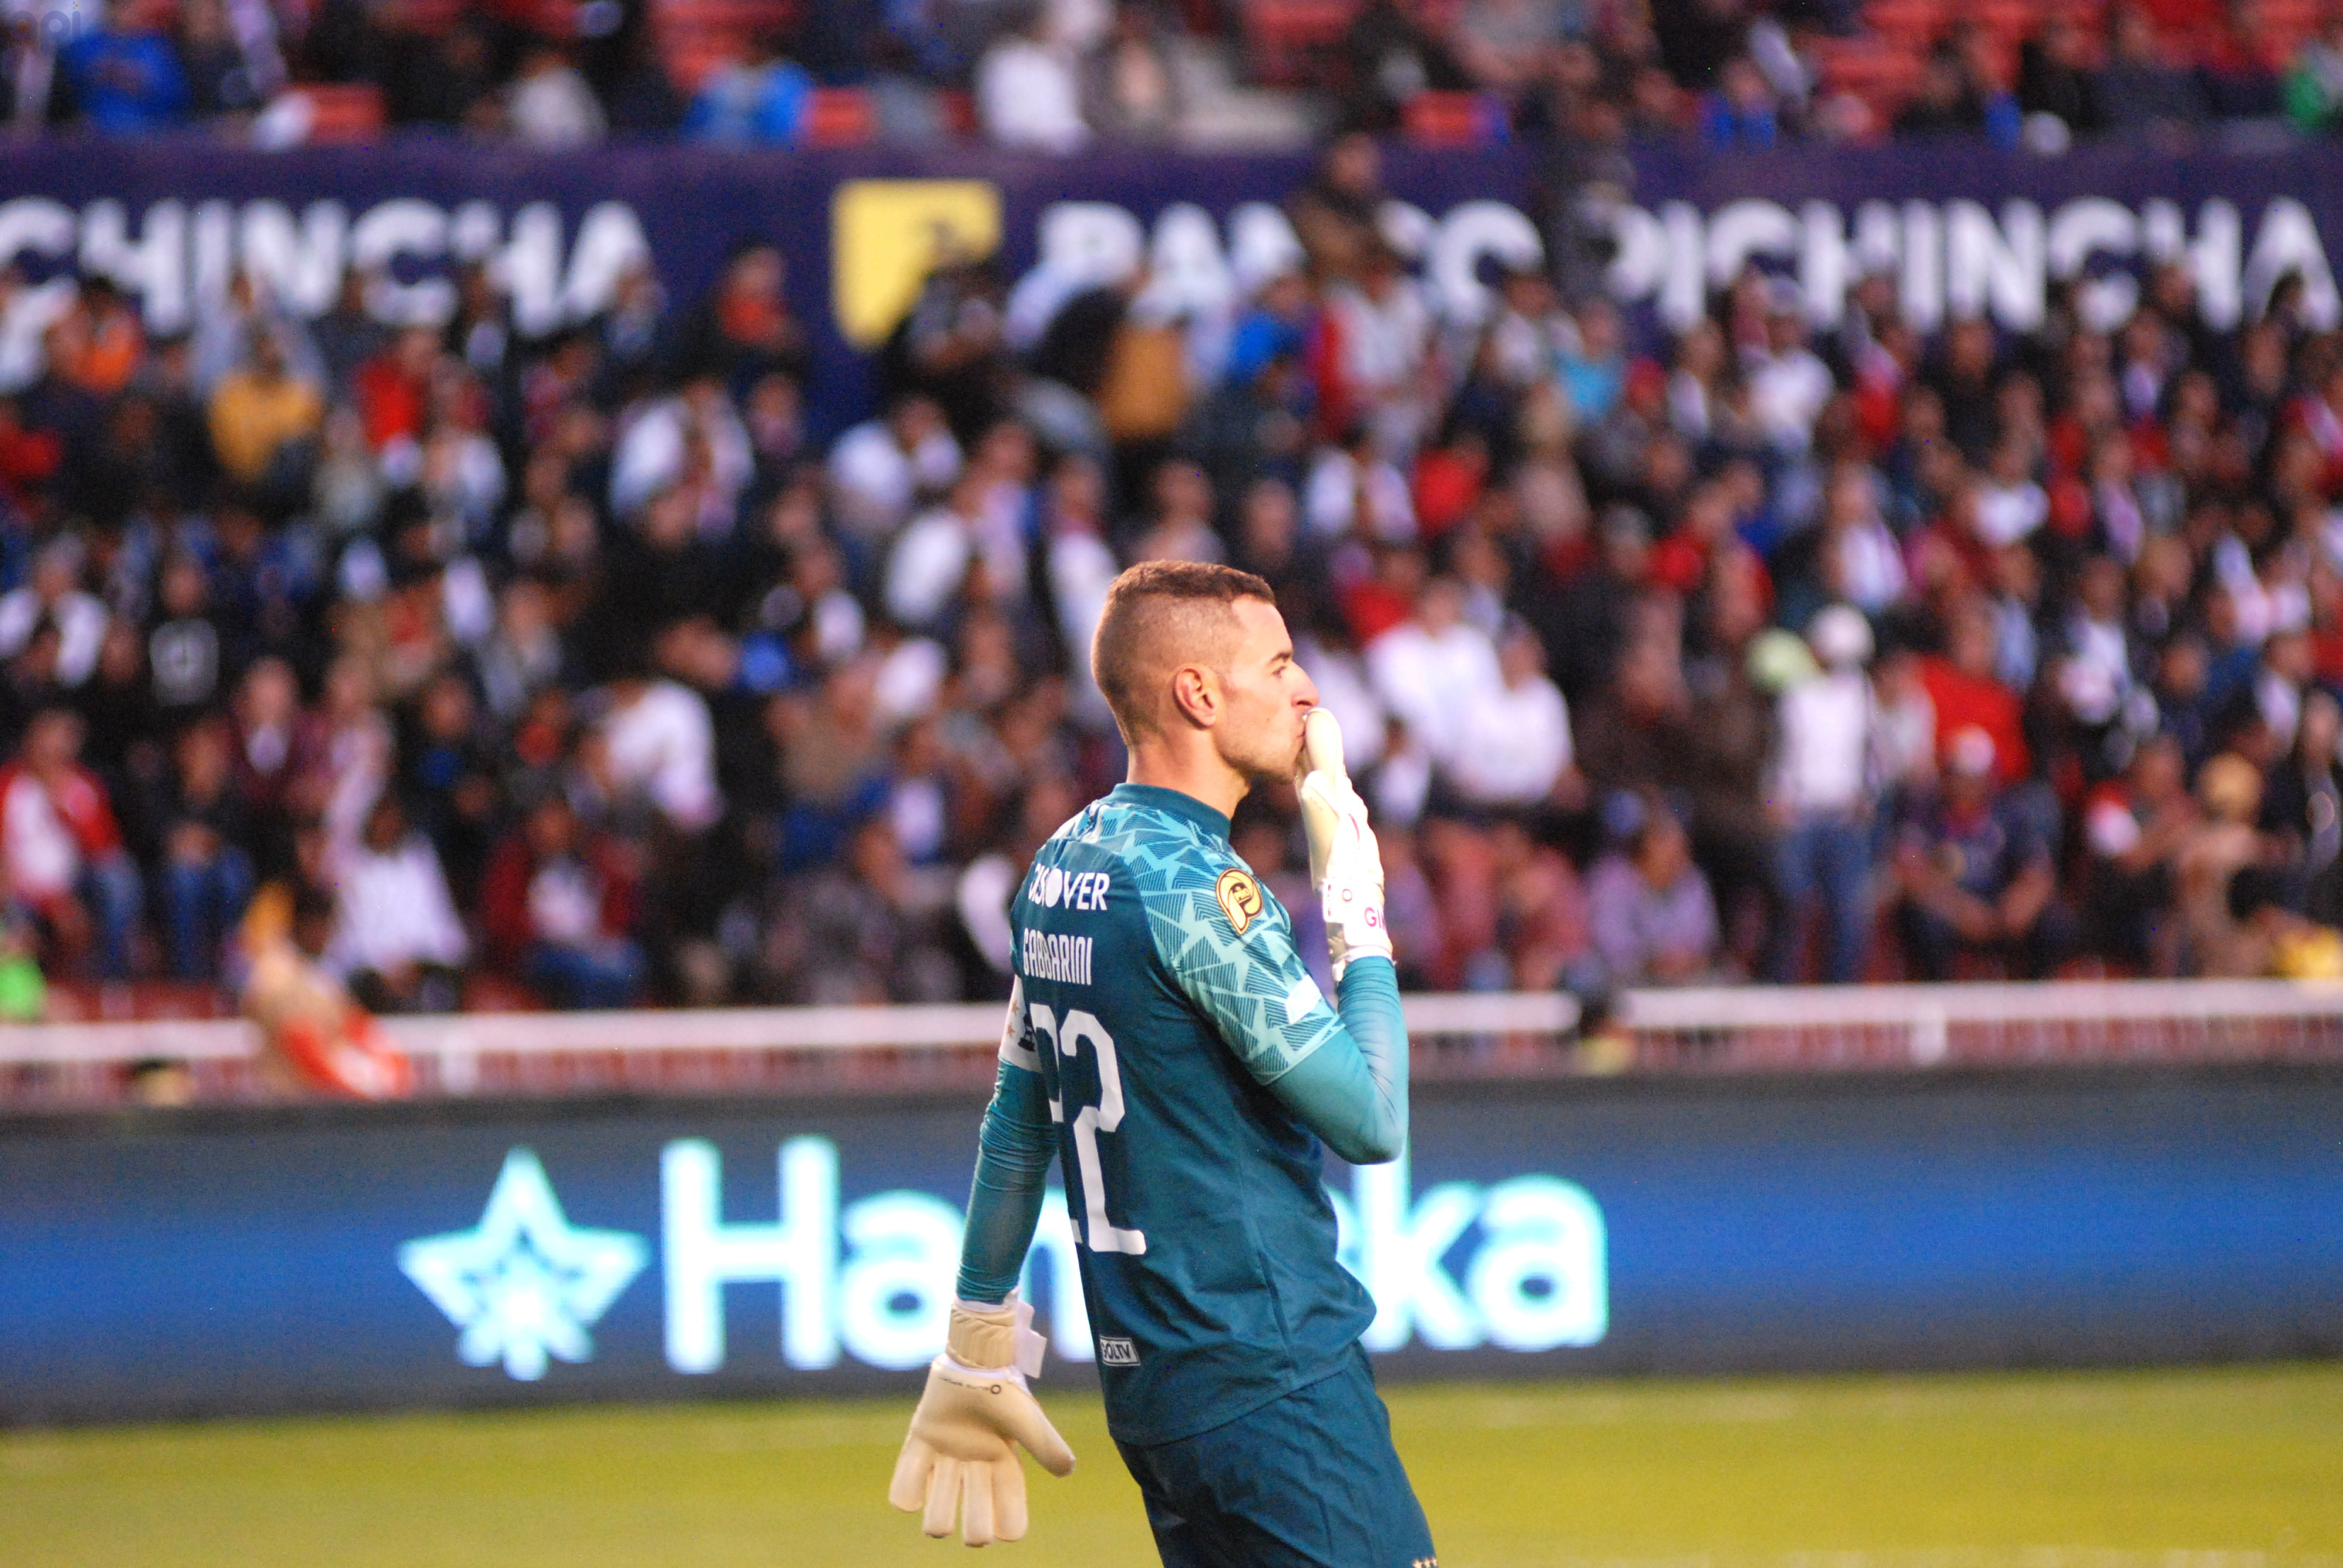 Esteban Paz habló sobre el futuro del golero, quien finaliza su contrato en diciembre